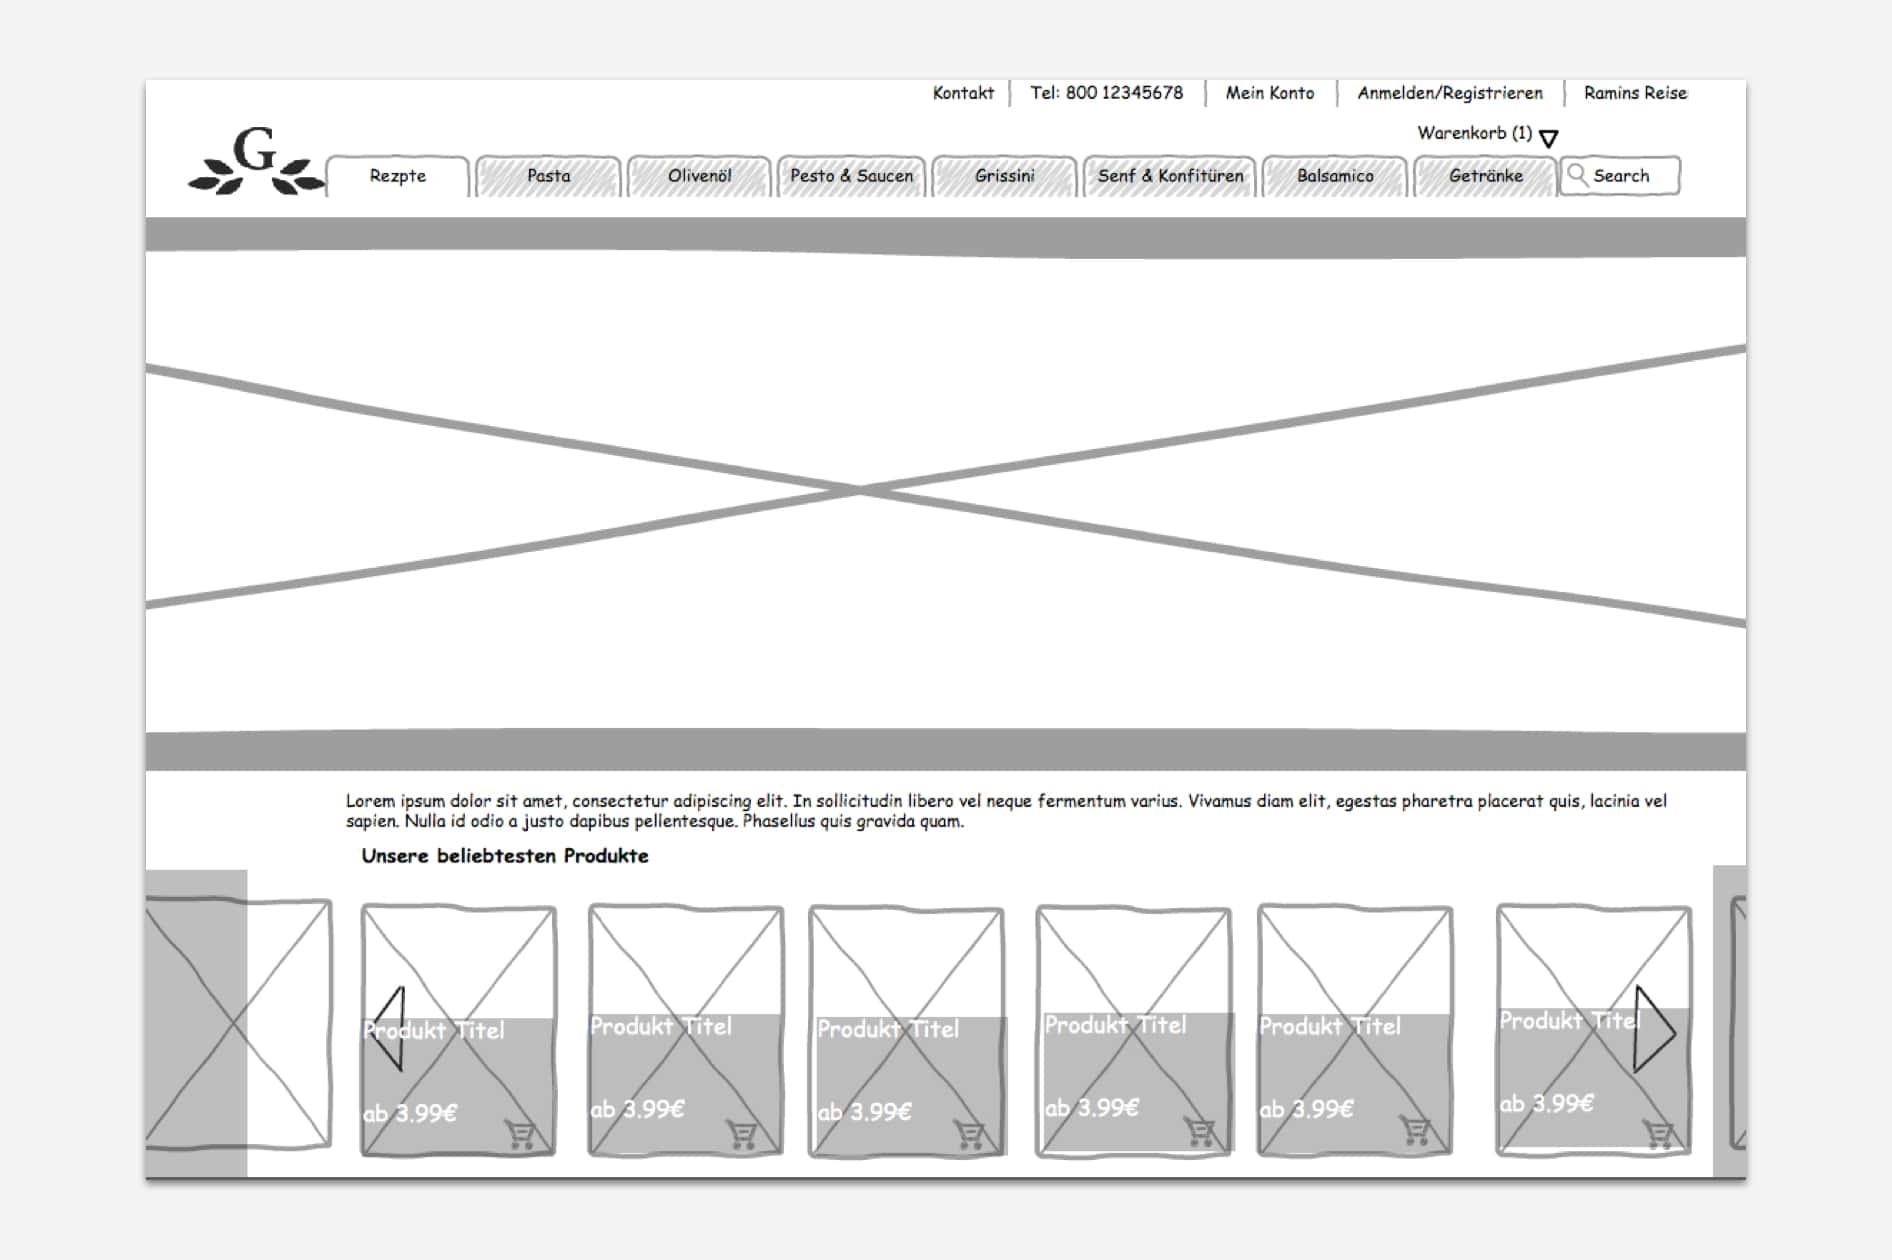 Ghorban - Wireframe Startseite